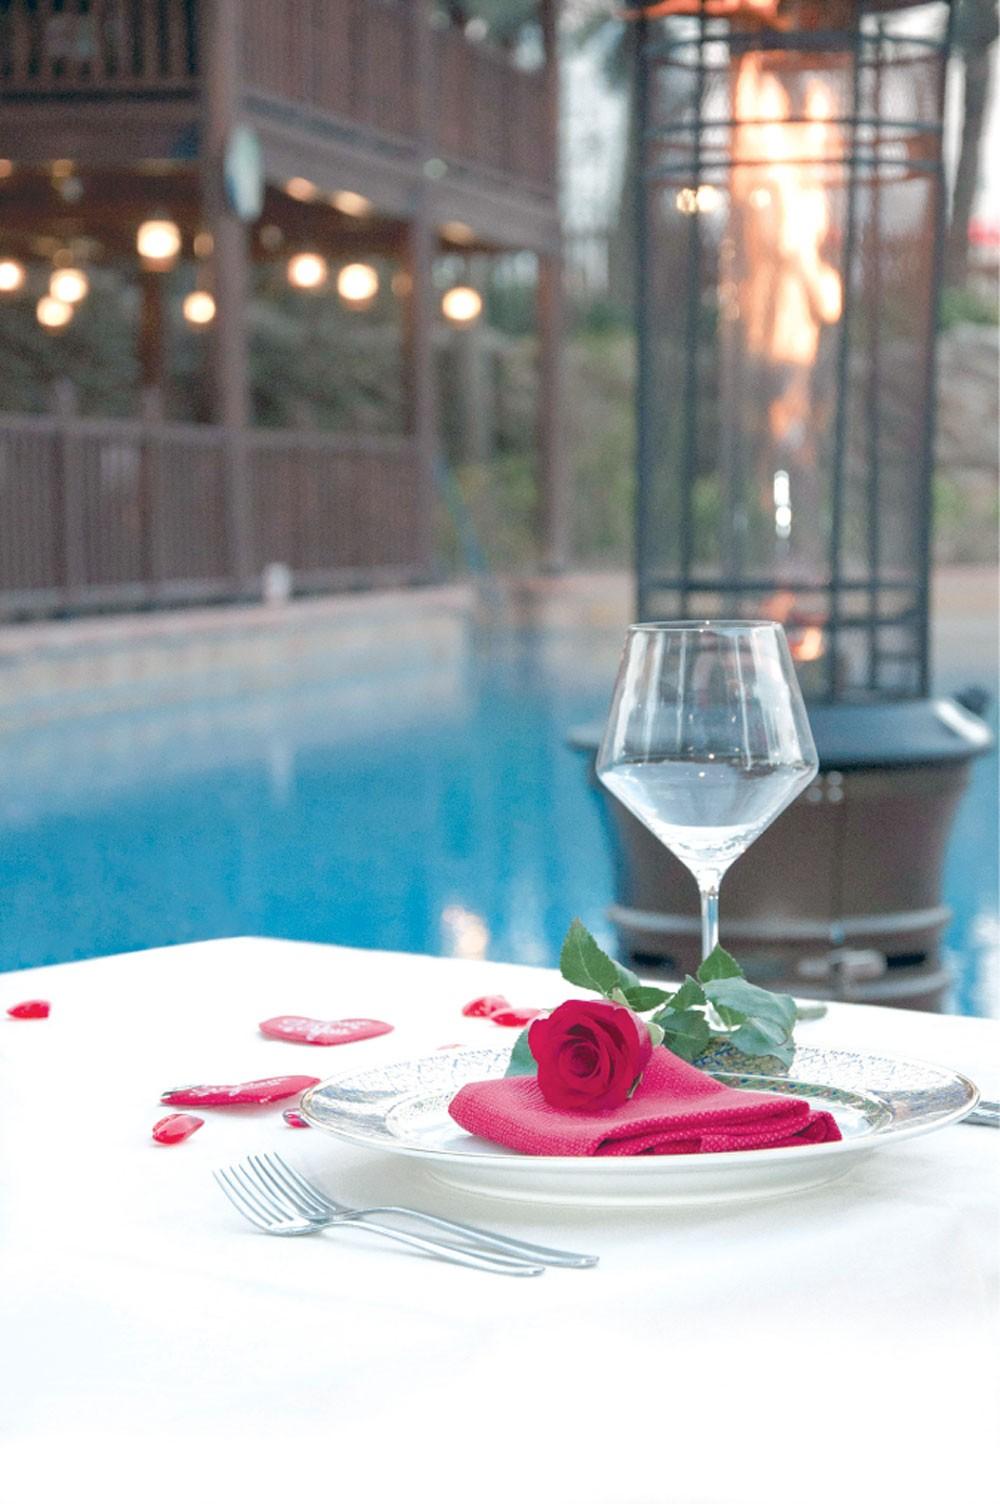 فندق الخليج يطلق باقات للاحتفال بعيد الحب